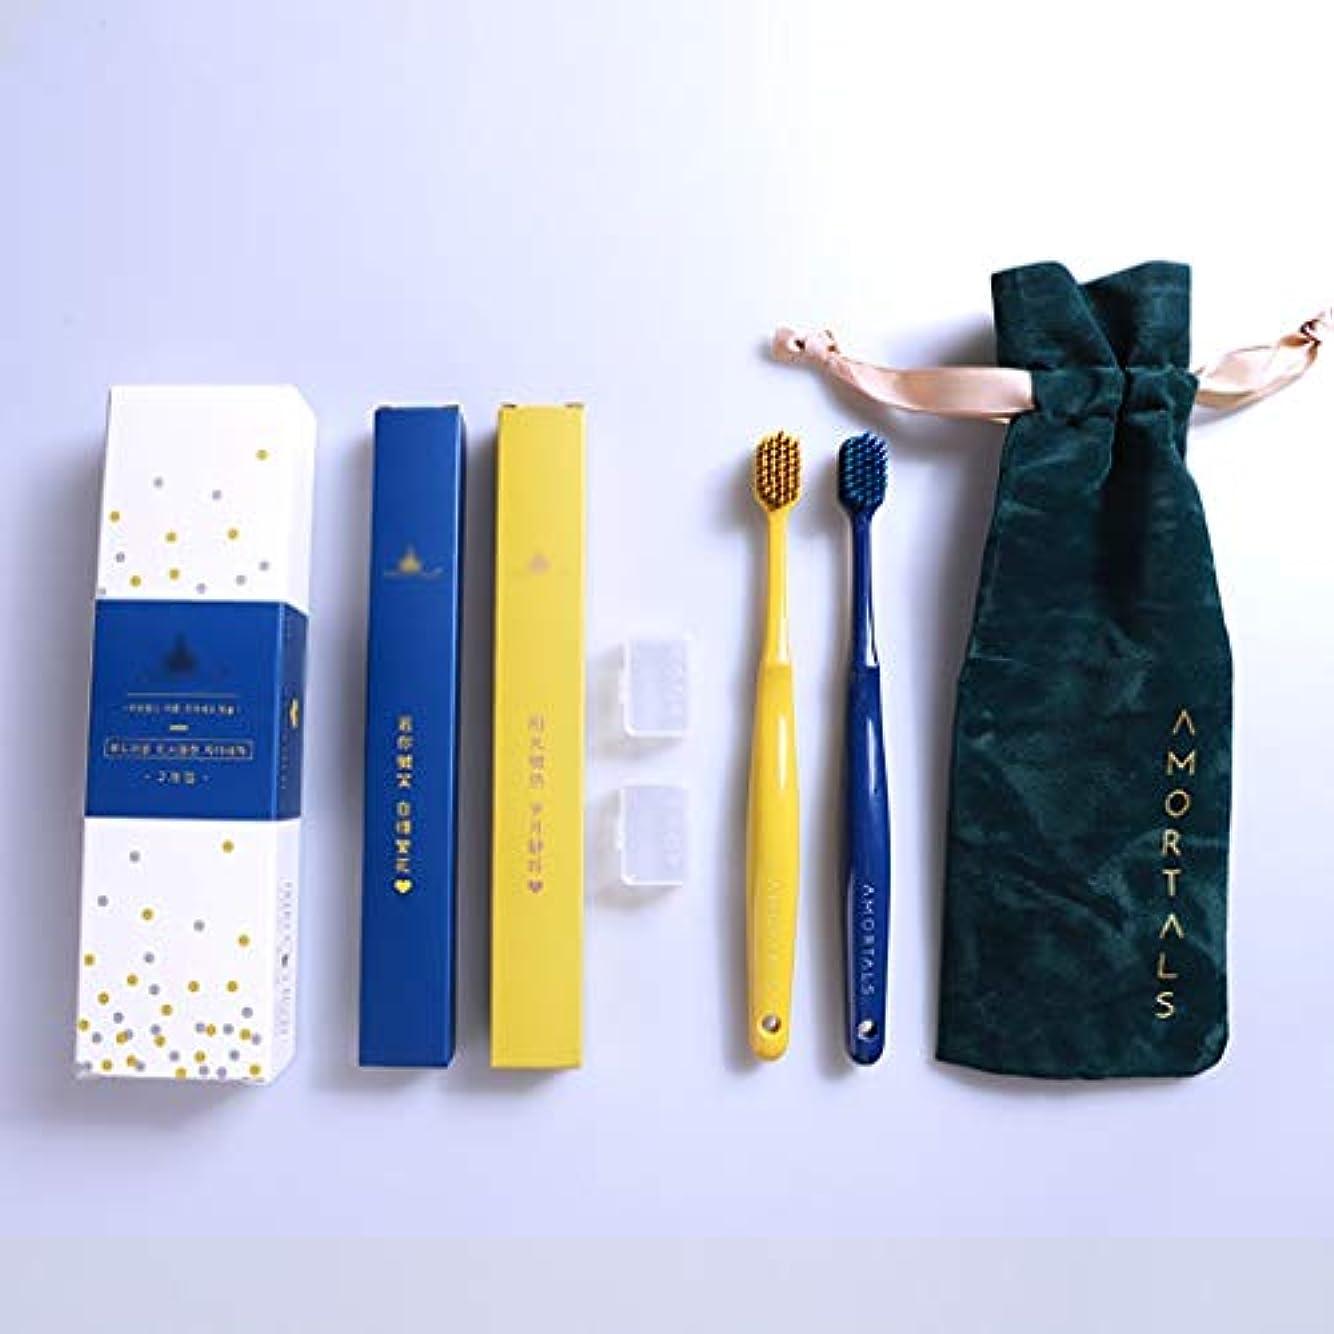 キャリア立方体ビジュアルガムの効率的な洗浄及び保護のための人間工学PBTブラシハンドル歯ブラシ